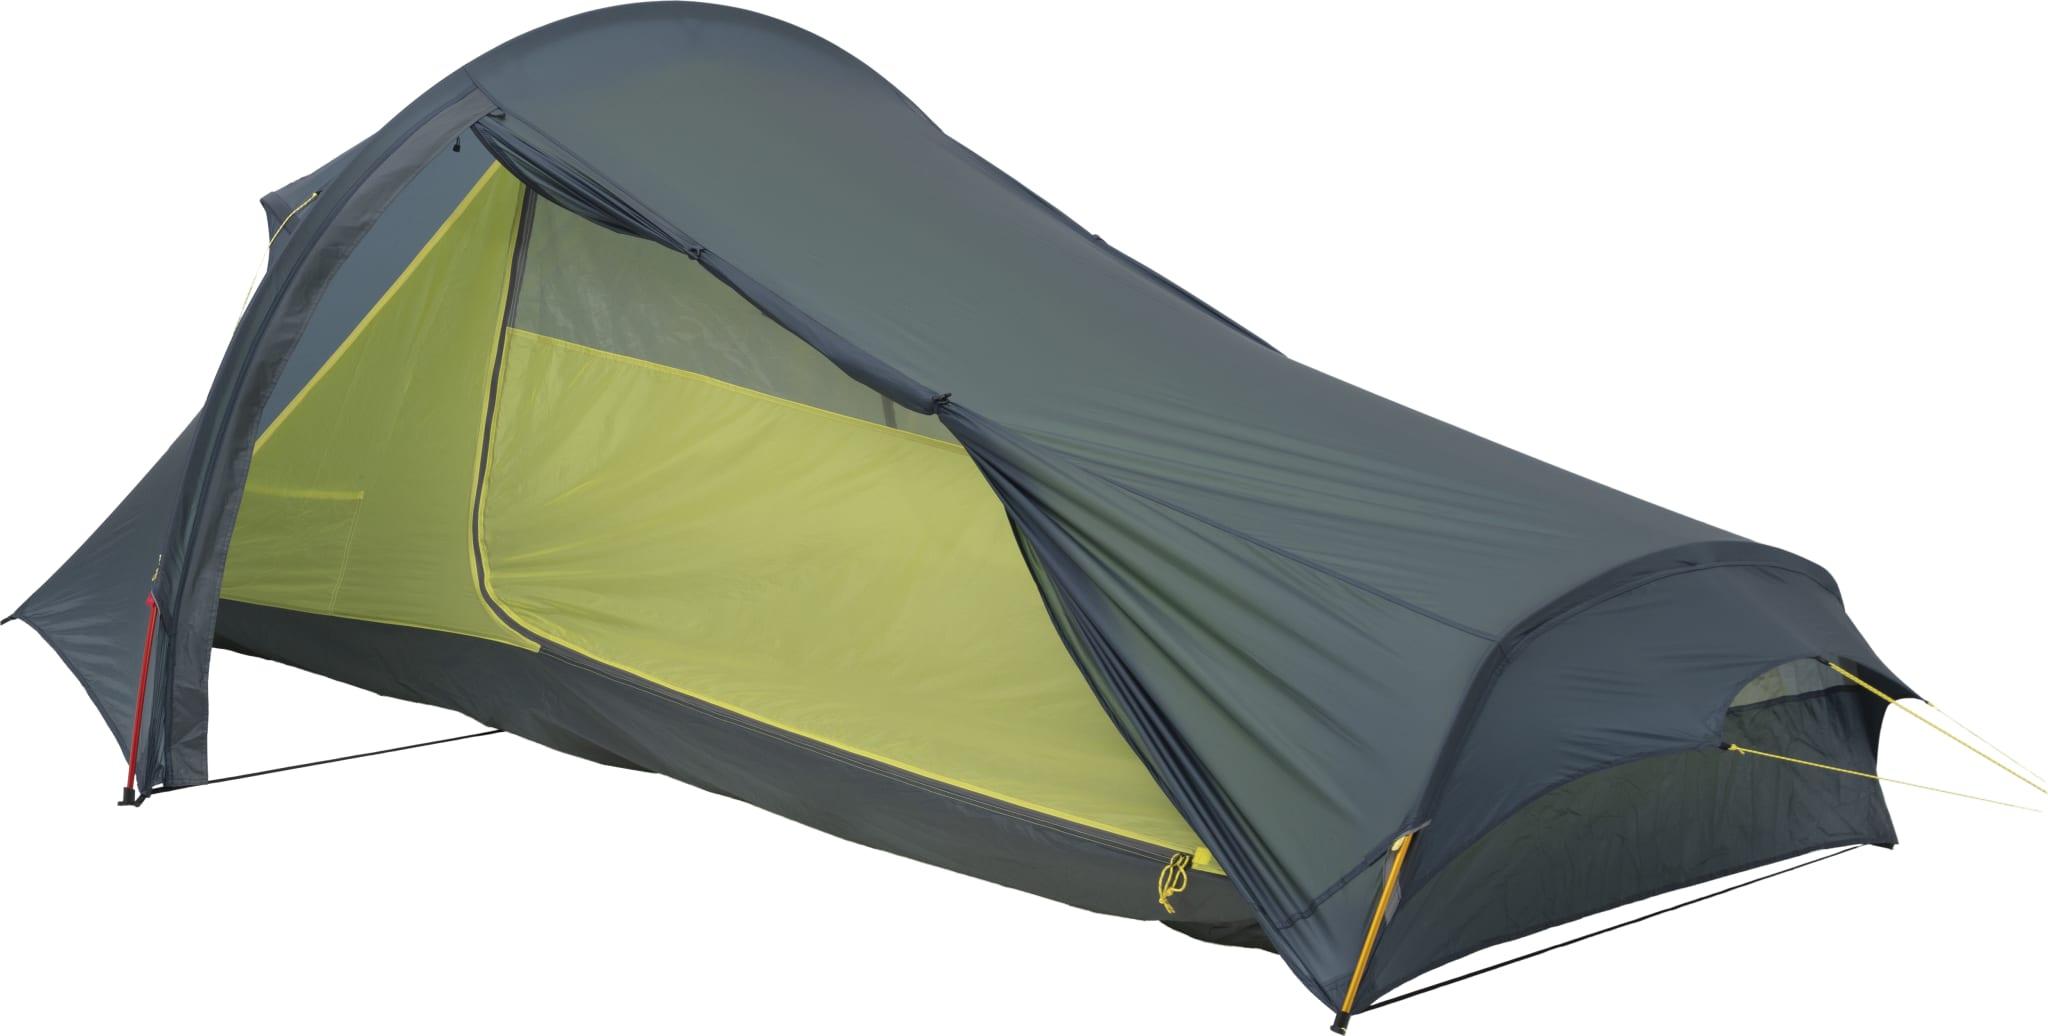 Superlett og kompakt telt med svært god levestandard